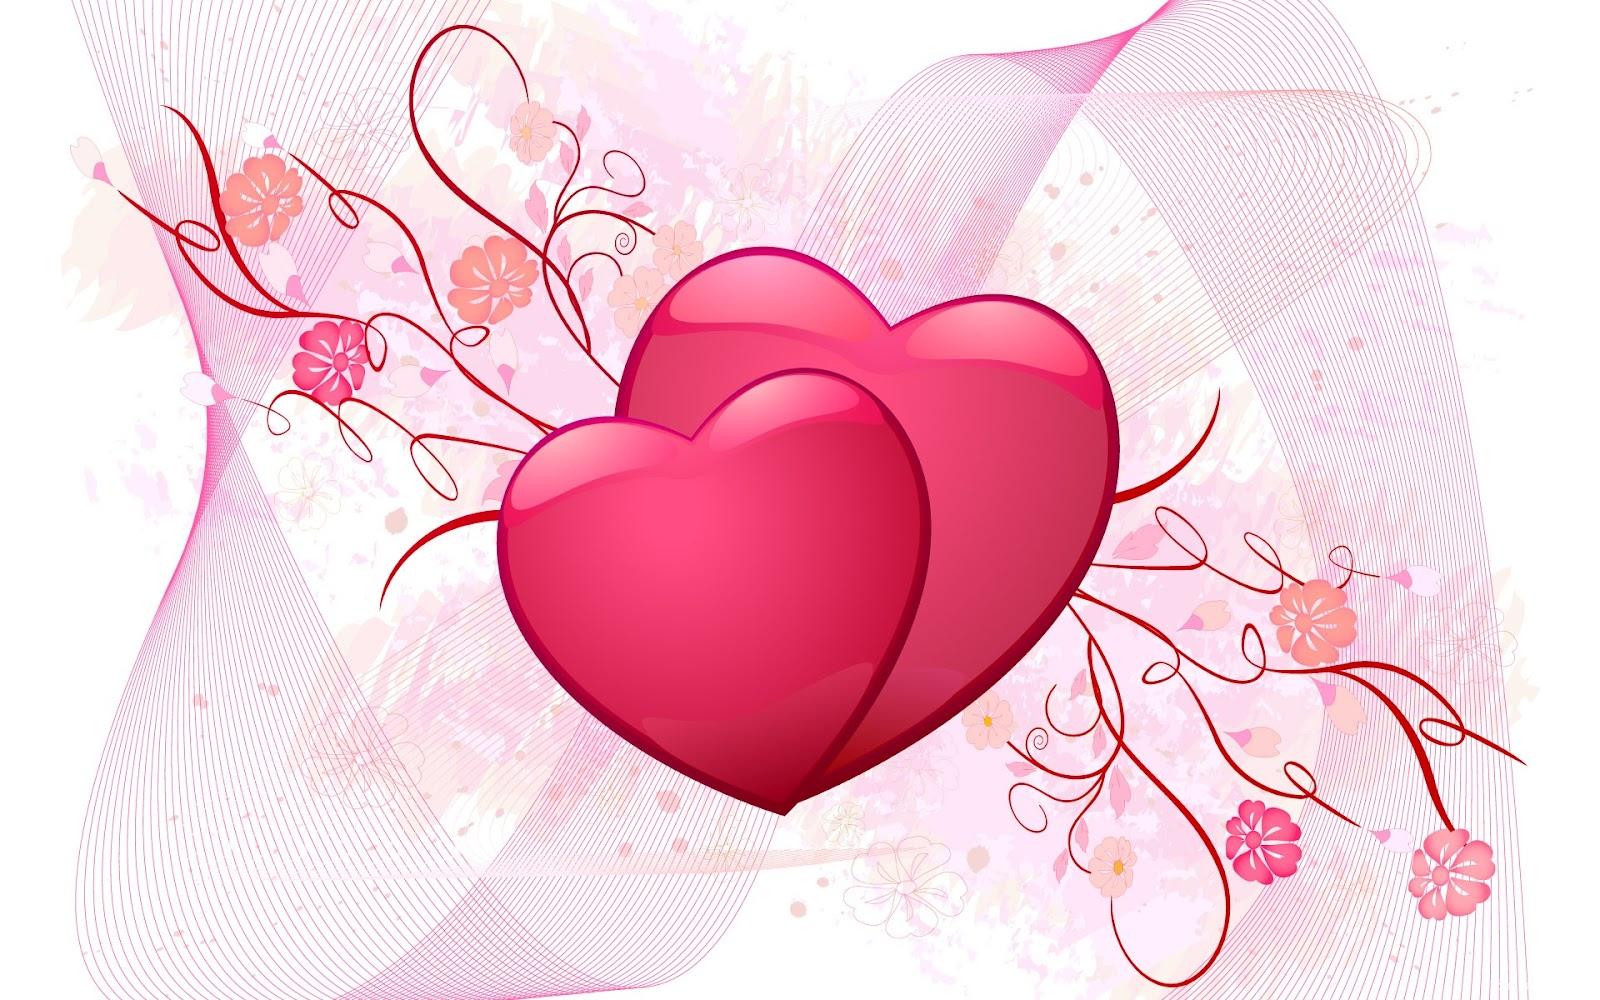 صور كلام في الحب والغرام , كلام رومانسي